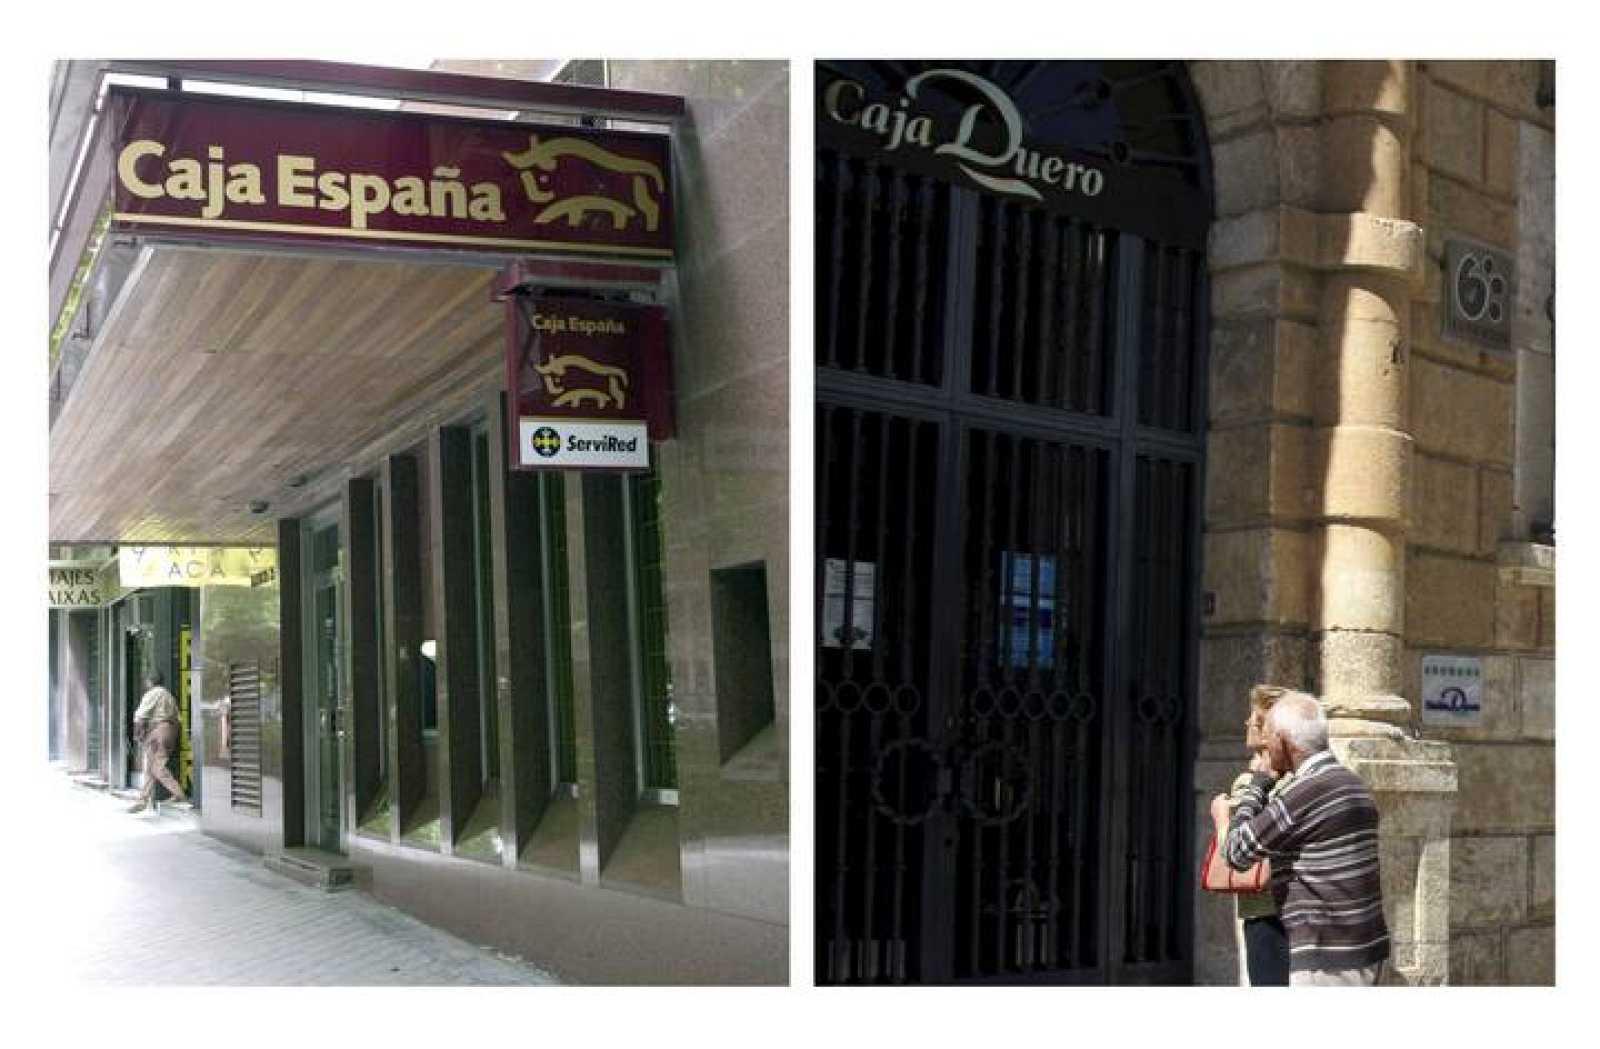 Sucursales de Caja España y Caja Duero. (Archivo)